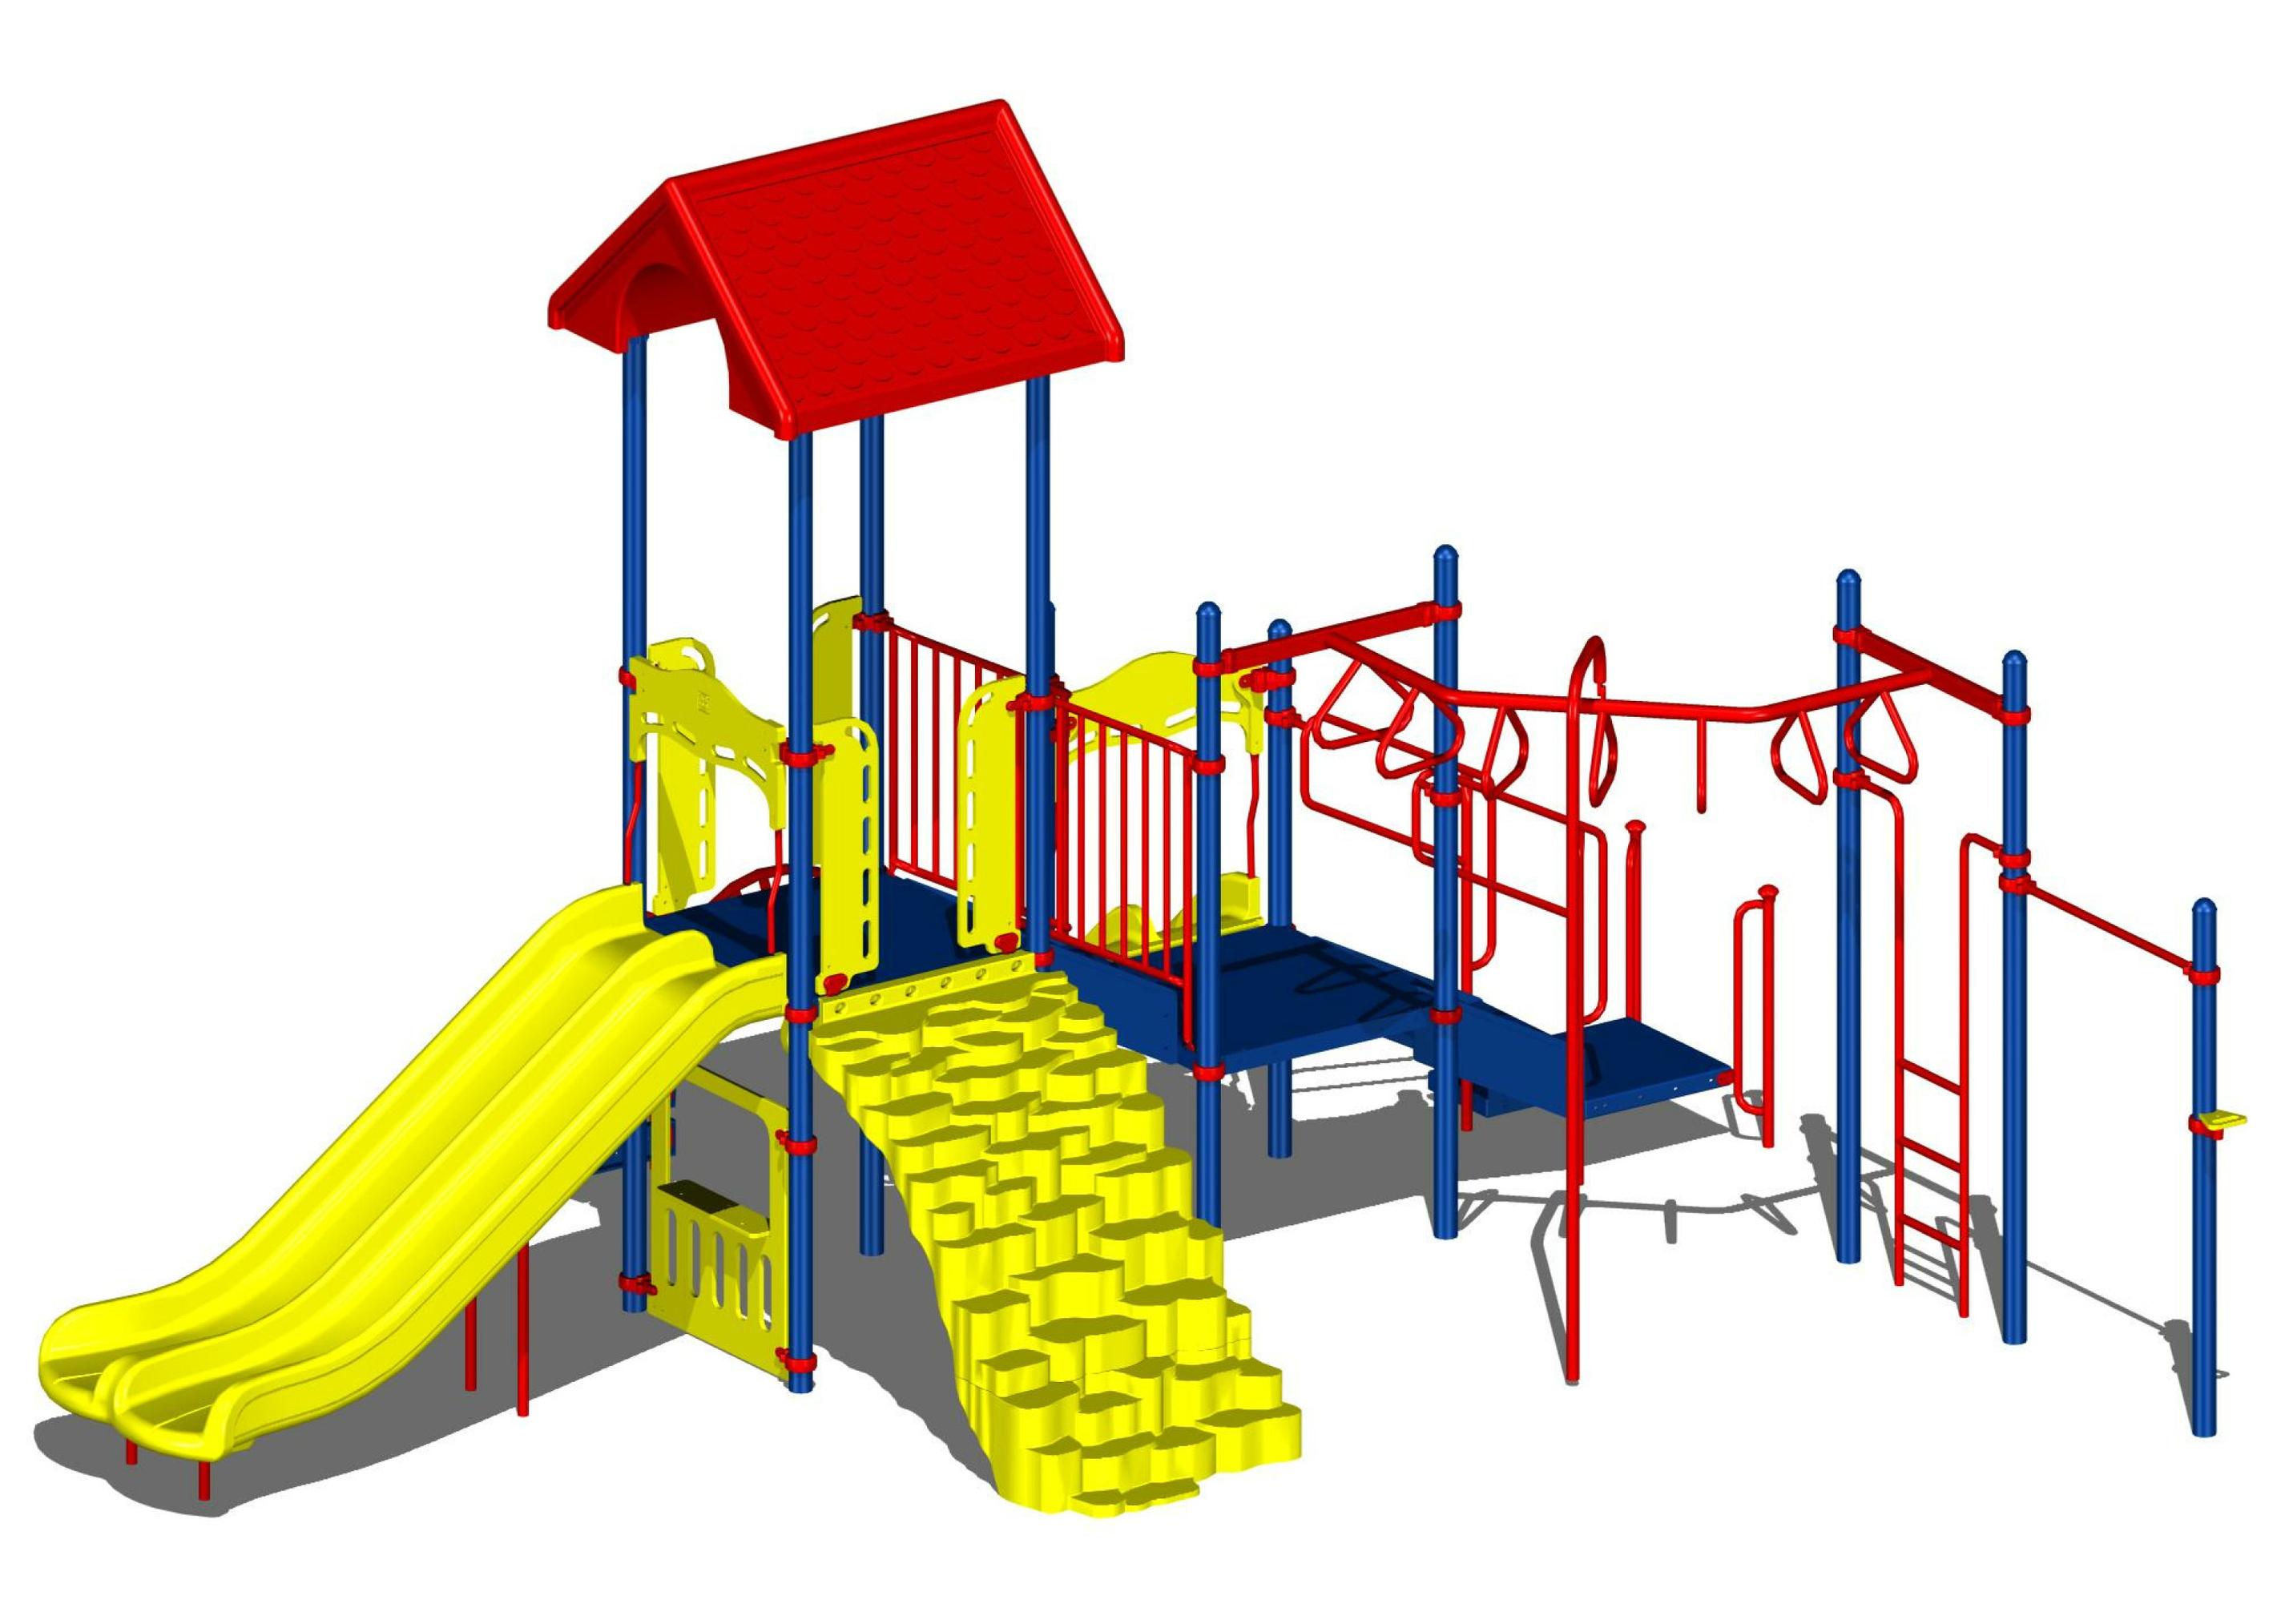 2852x2027 Playground Clip Art Biezumd 2